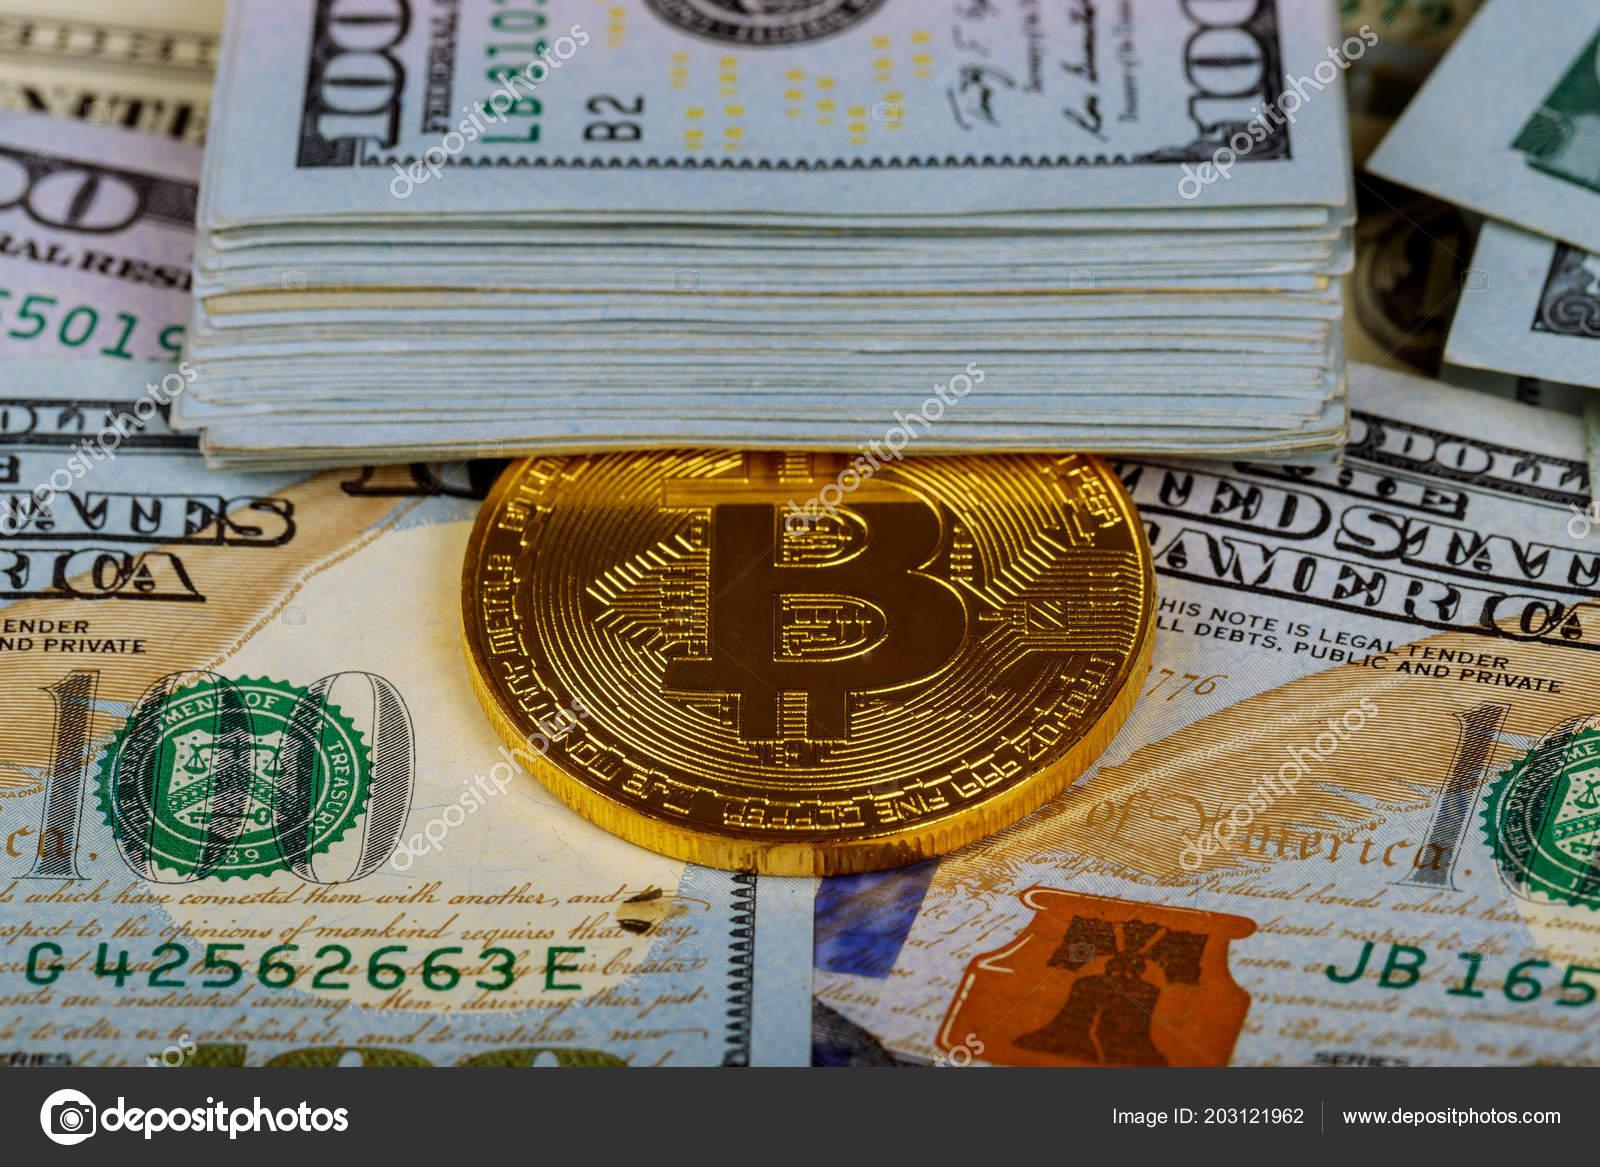 Как обменять доллар на биткоин детективы смотреть онлайн такая работа